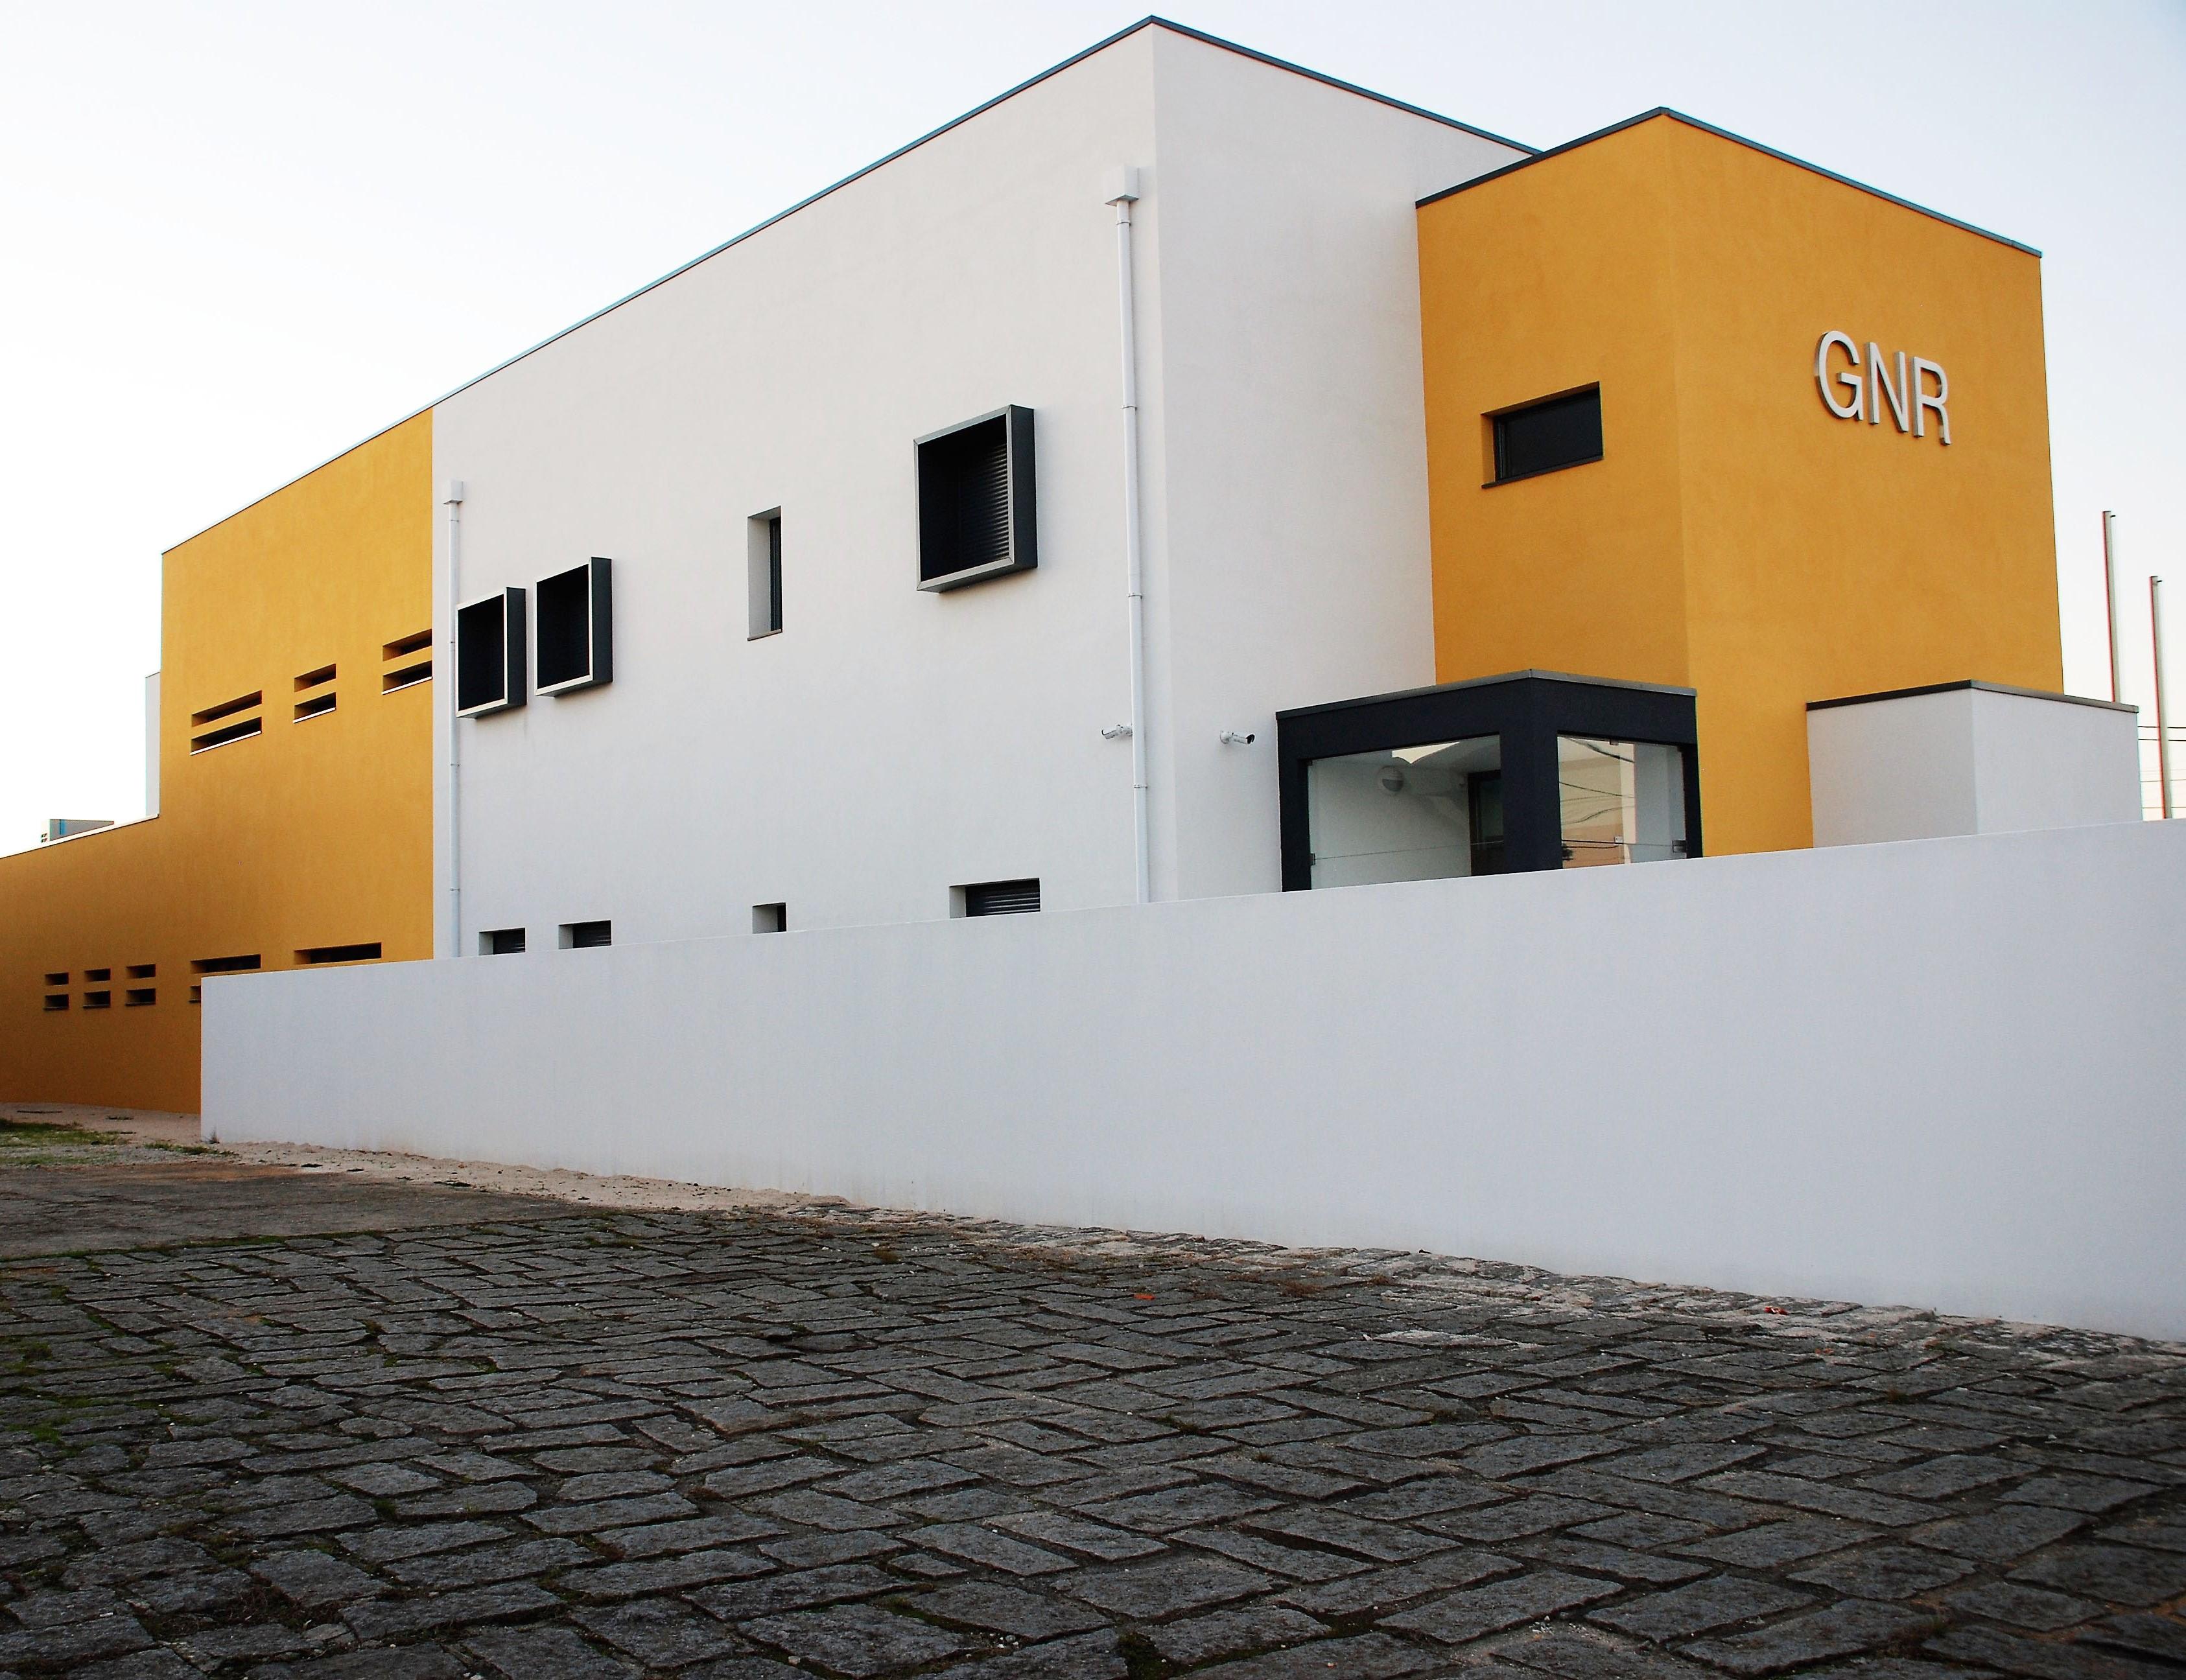 GNR de Valongo do Vouga já tem um edifício renovado